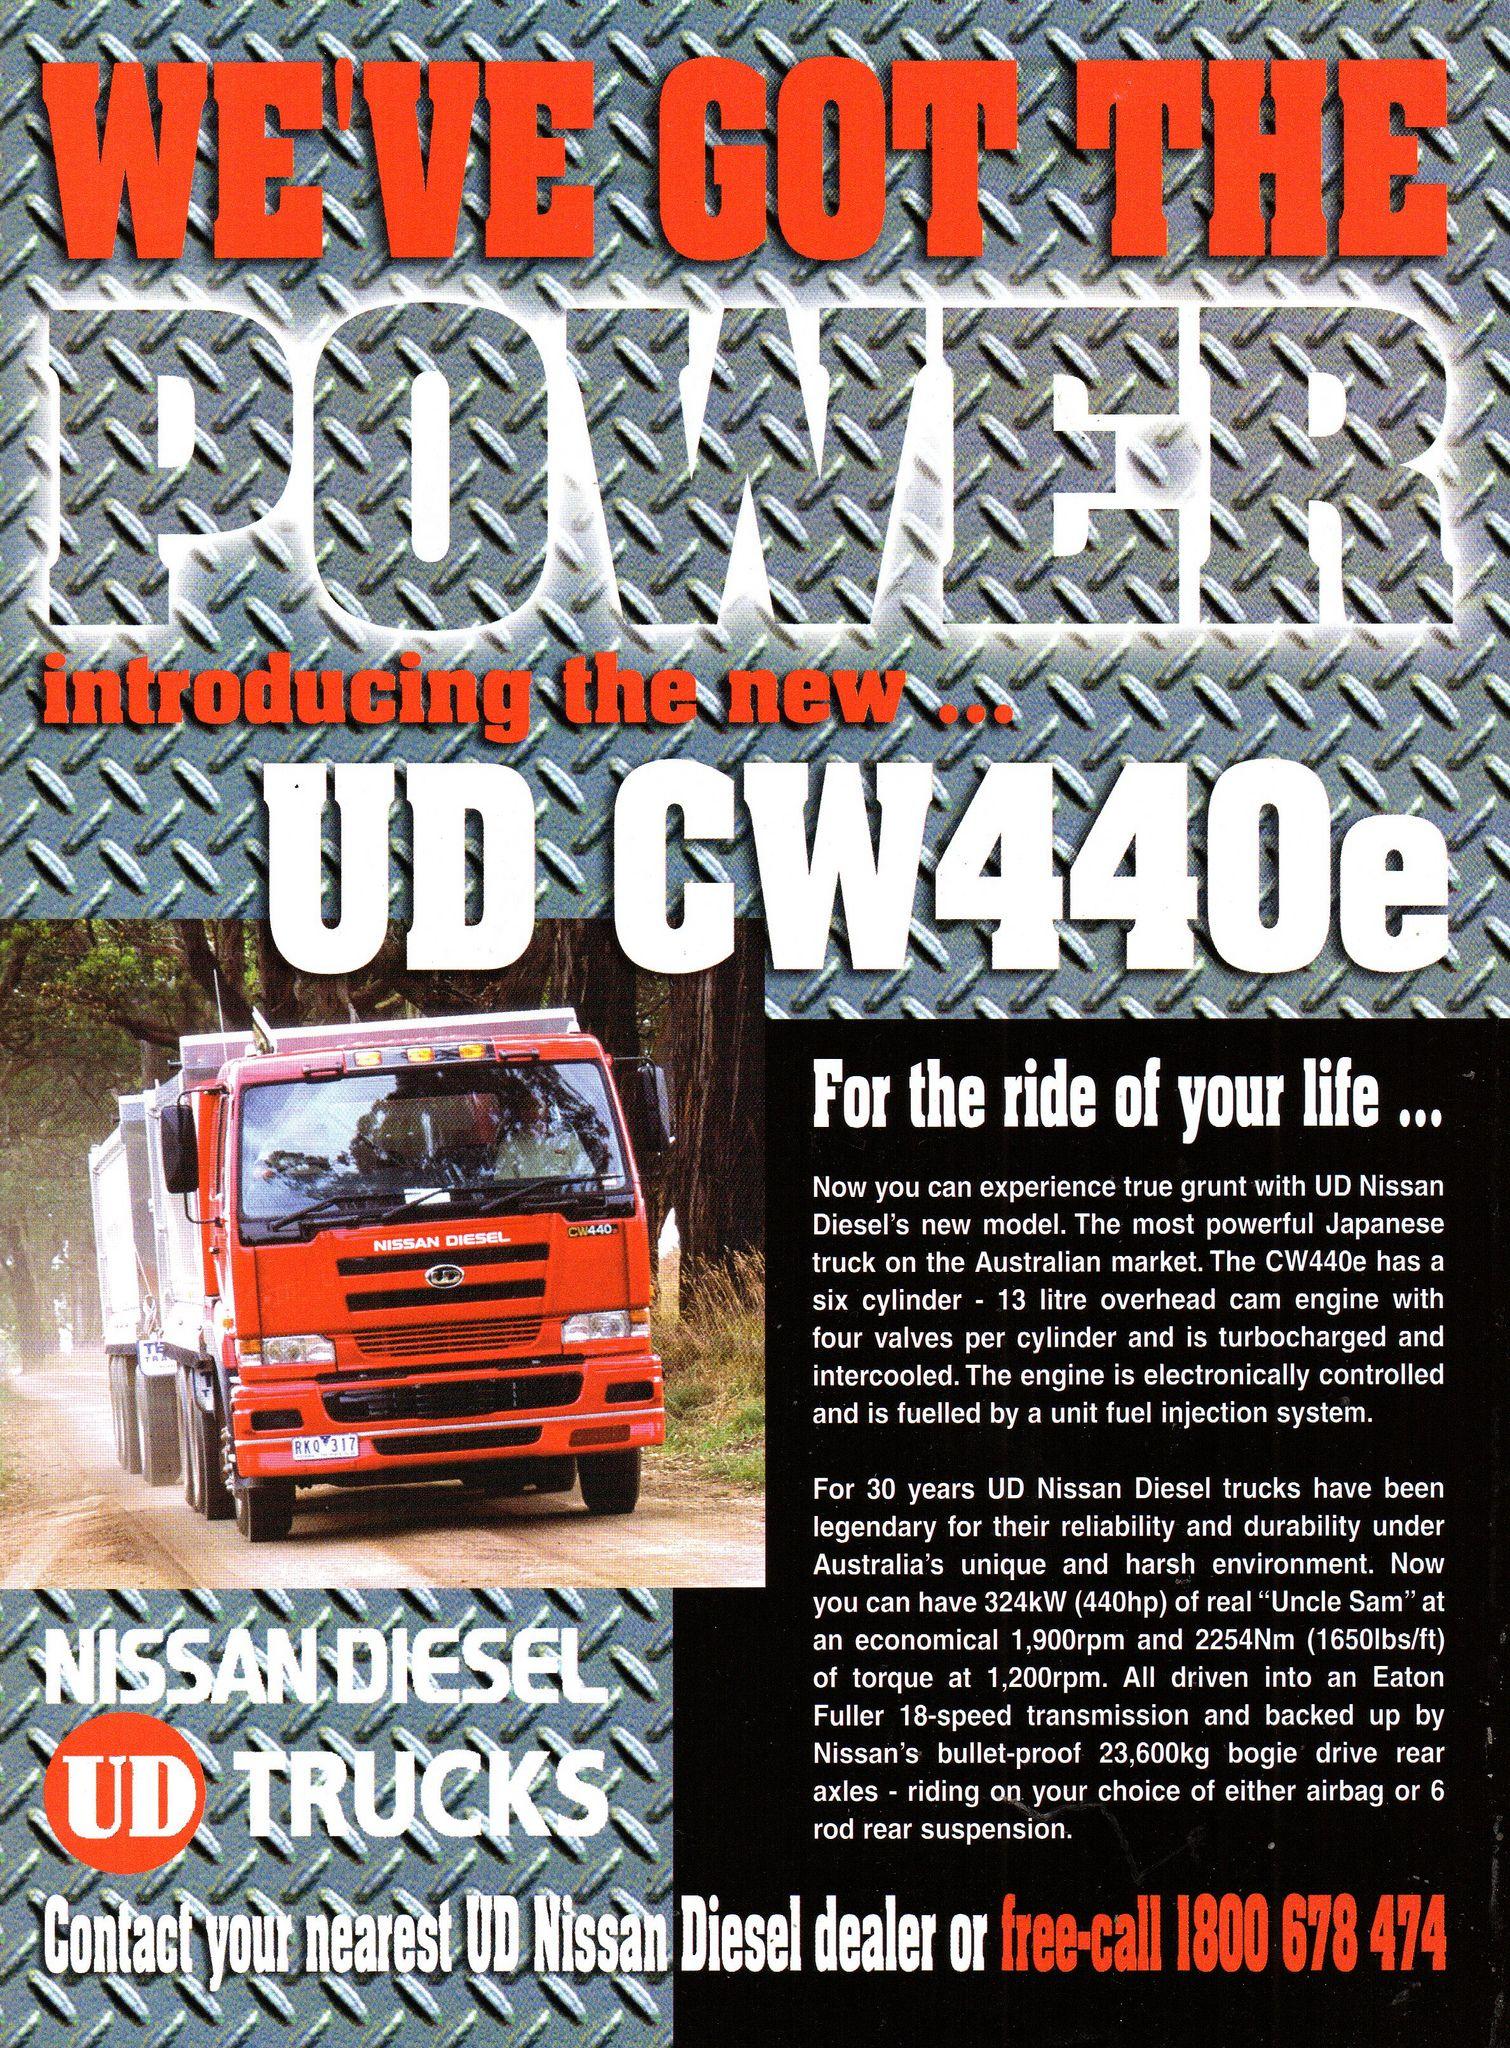 2002 Nissan UD CW440e Diesel Trucks Aussie Original